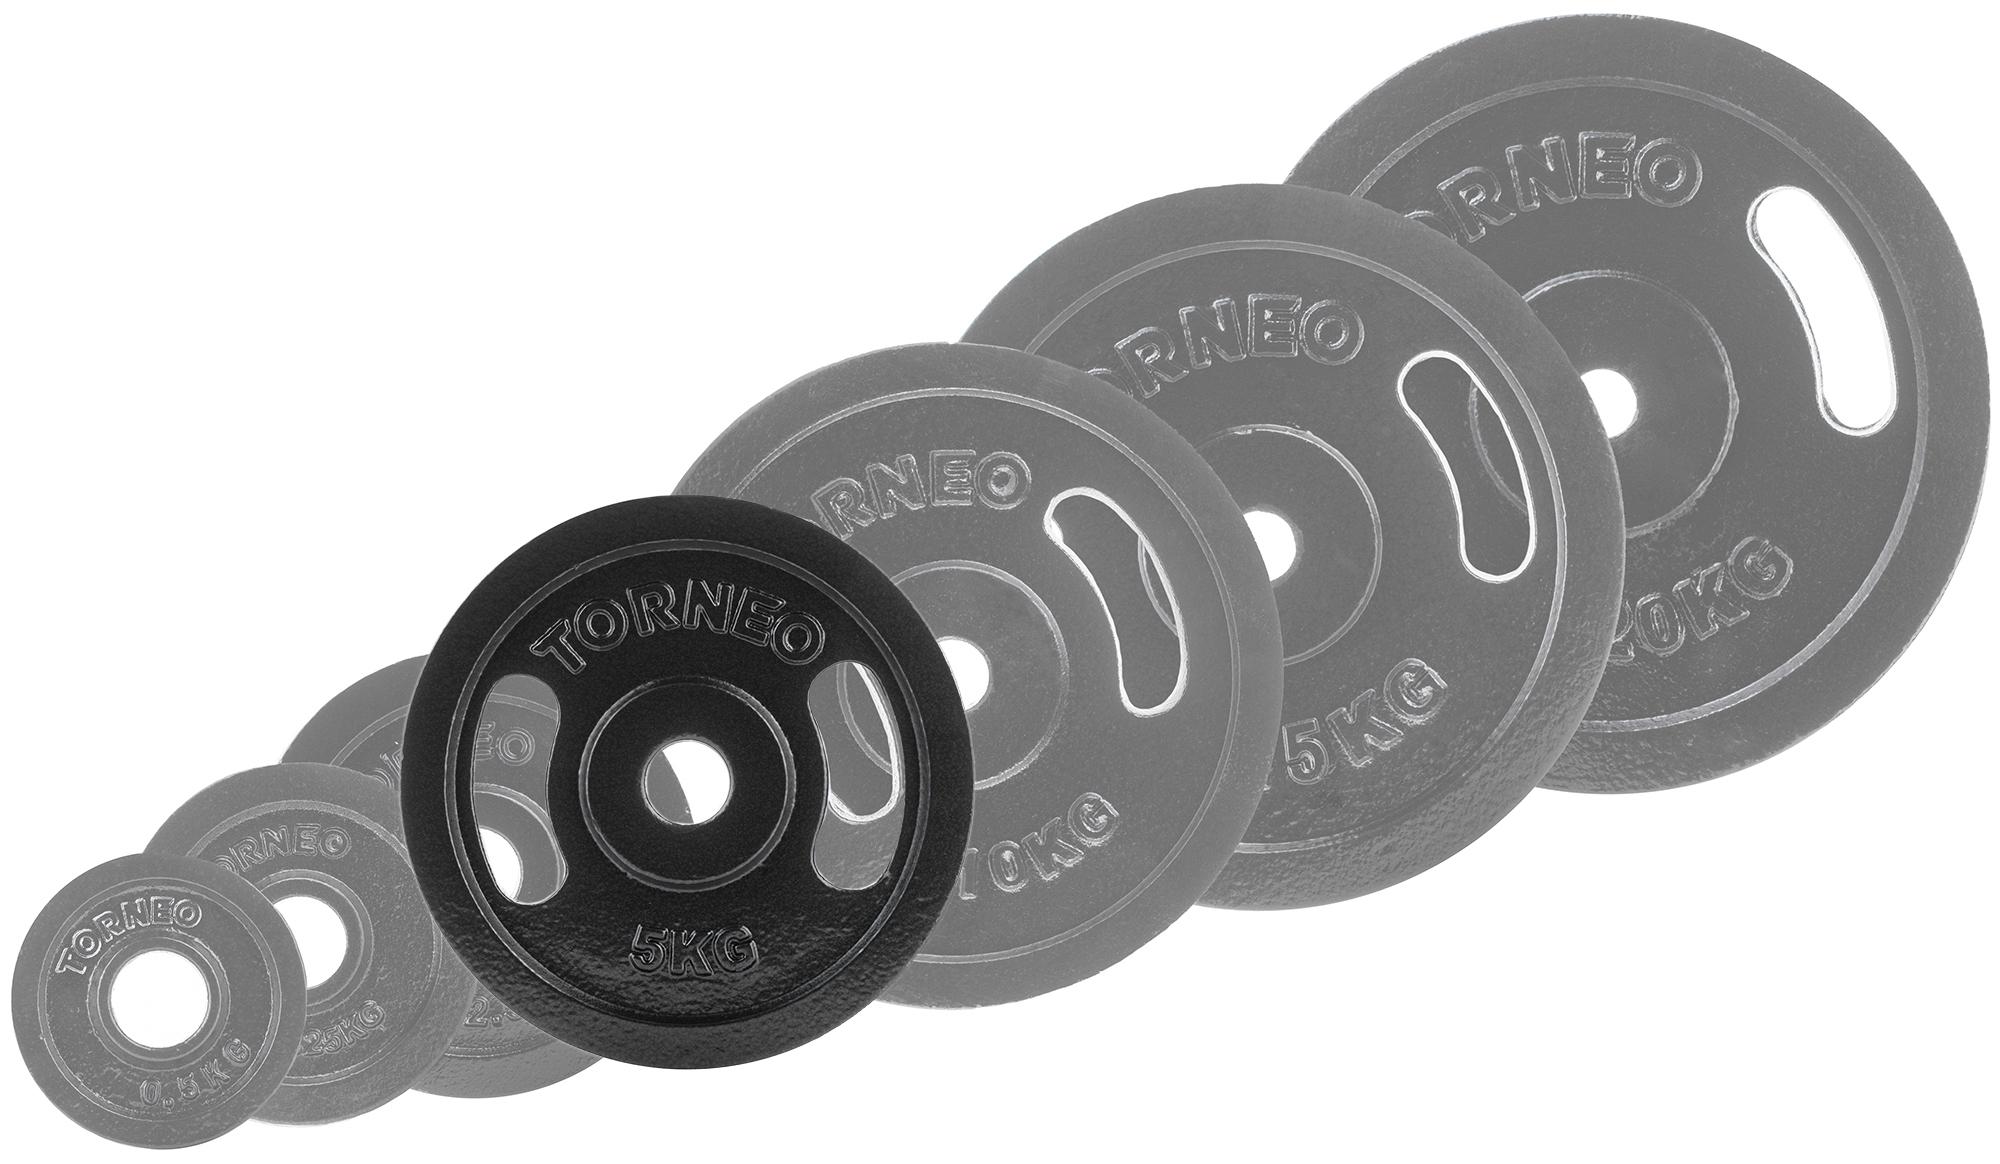 Torneo Блин Torneo стальной 5 кг поддон стальной эмалированный practic 900х900х160 мм